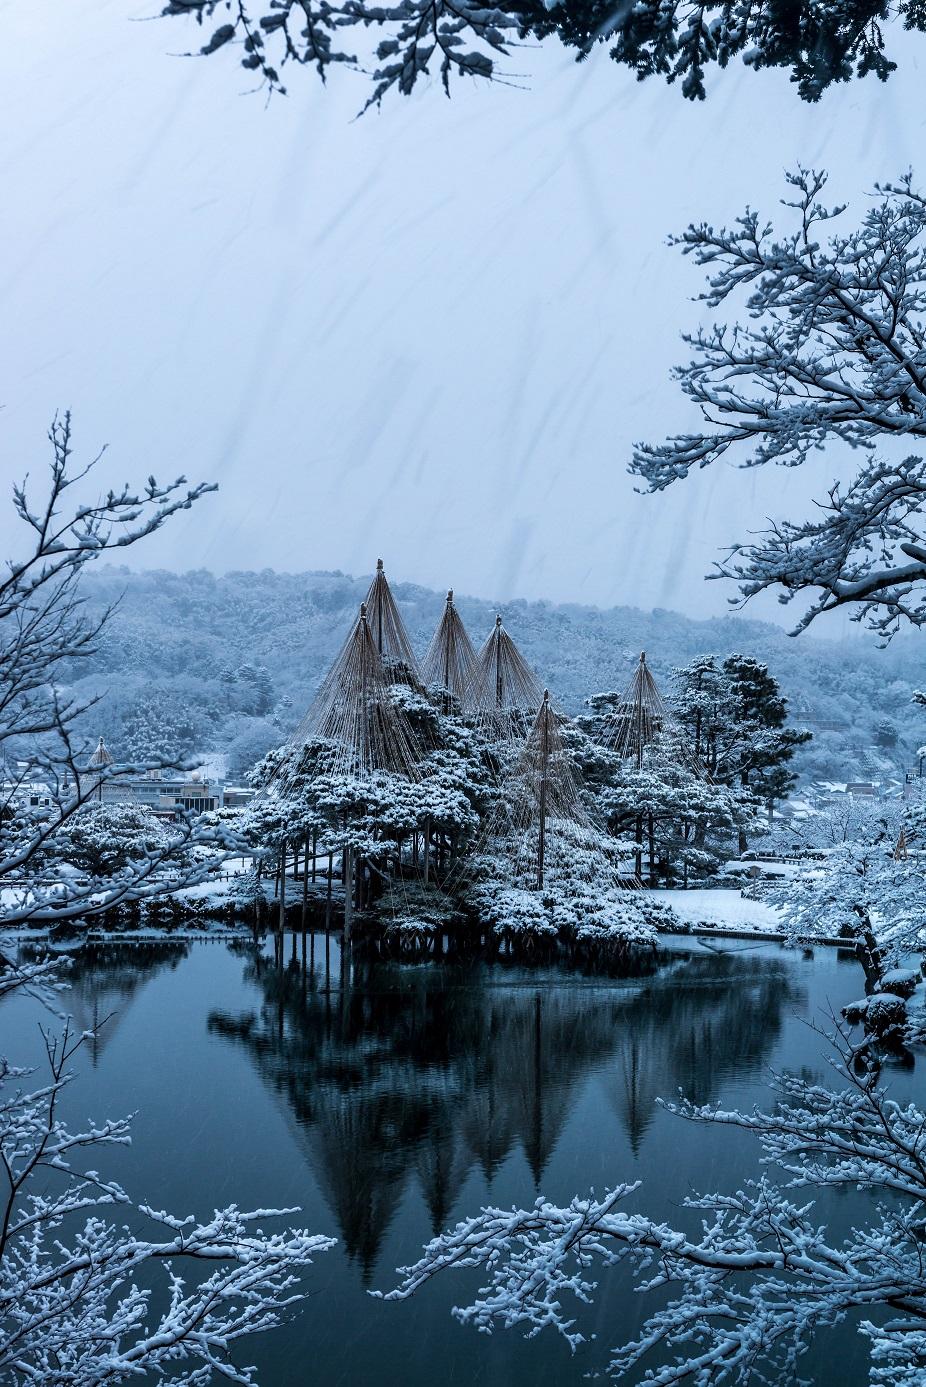 2016.02.25兼六園の雪景色4.1